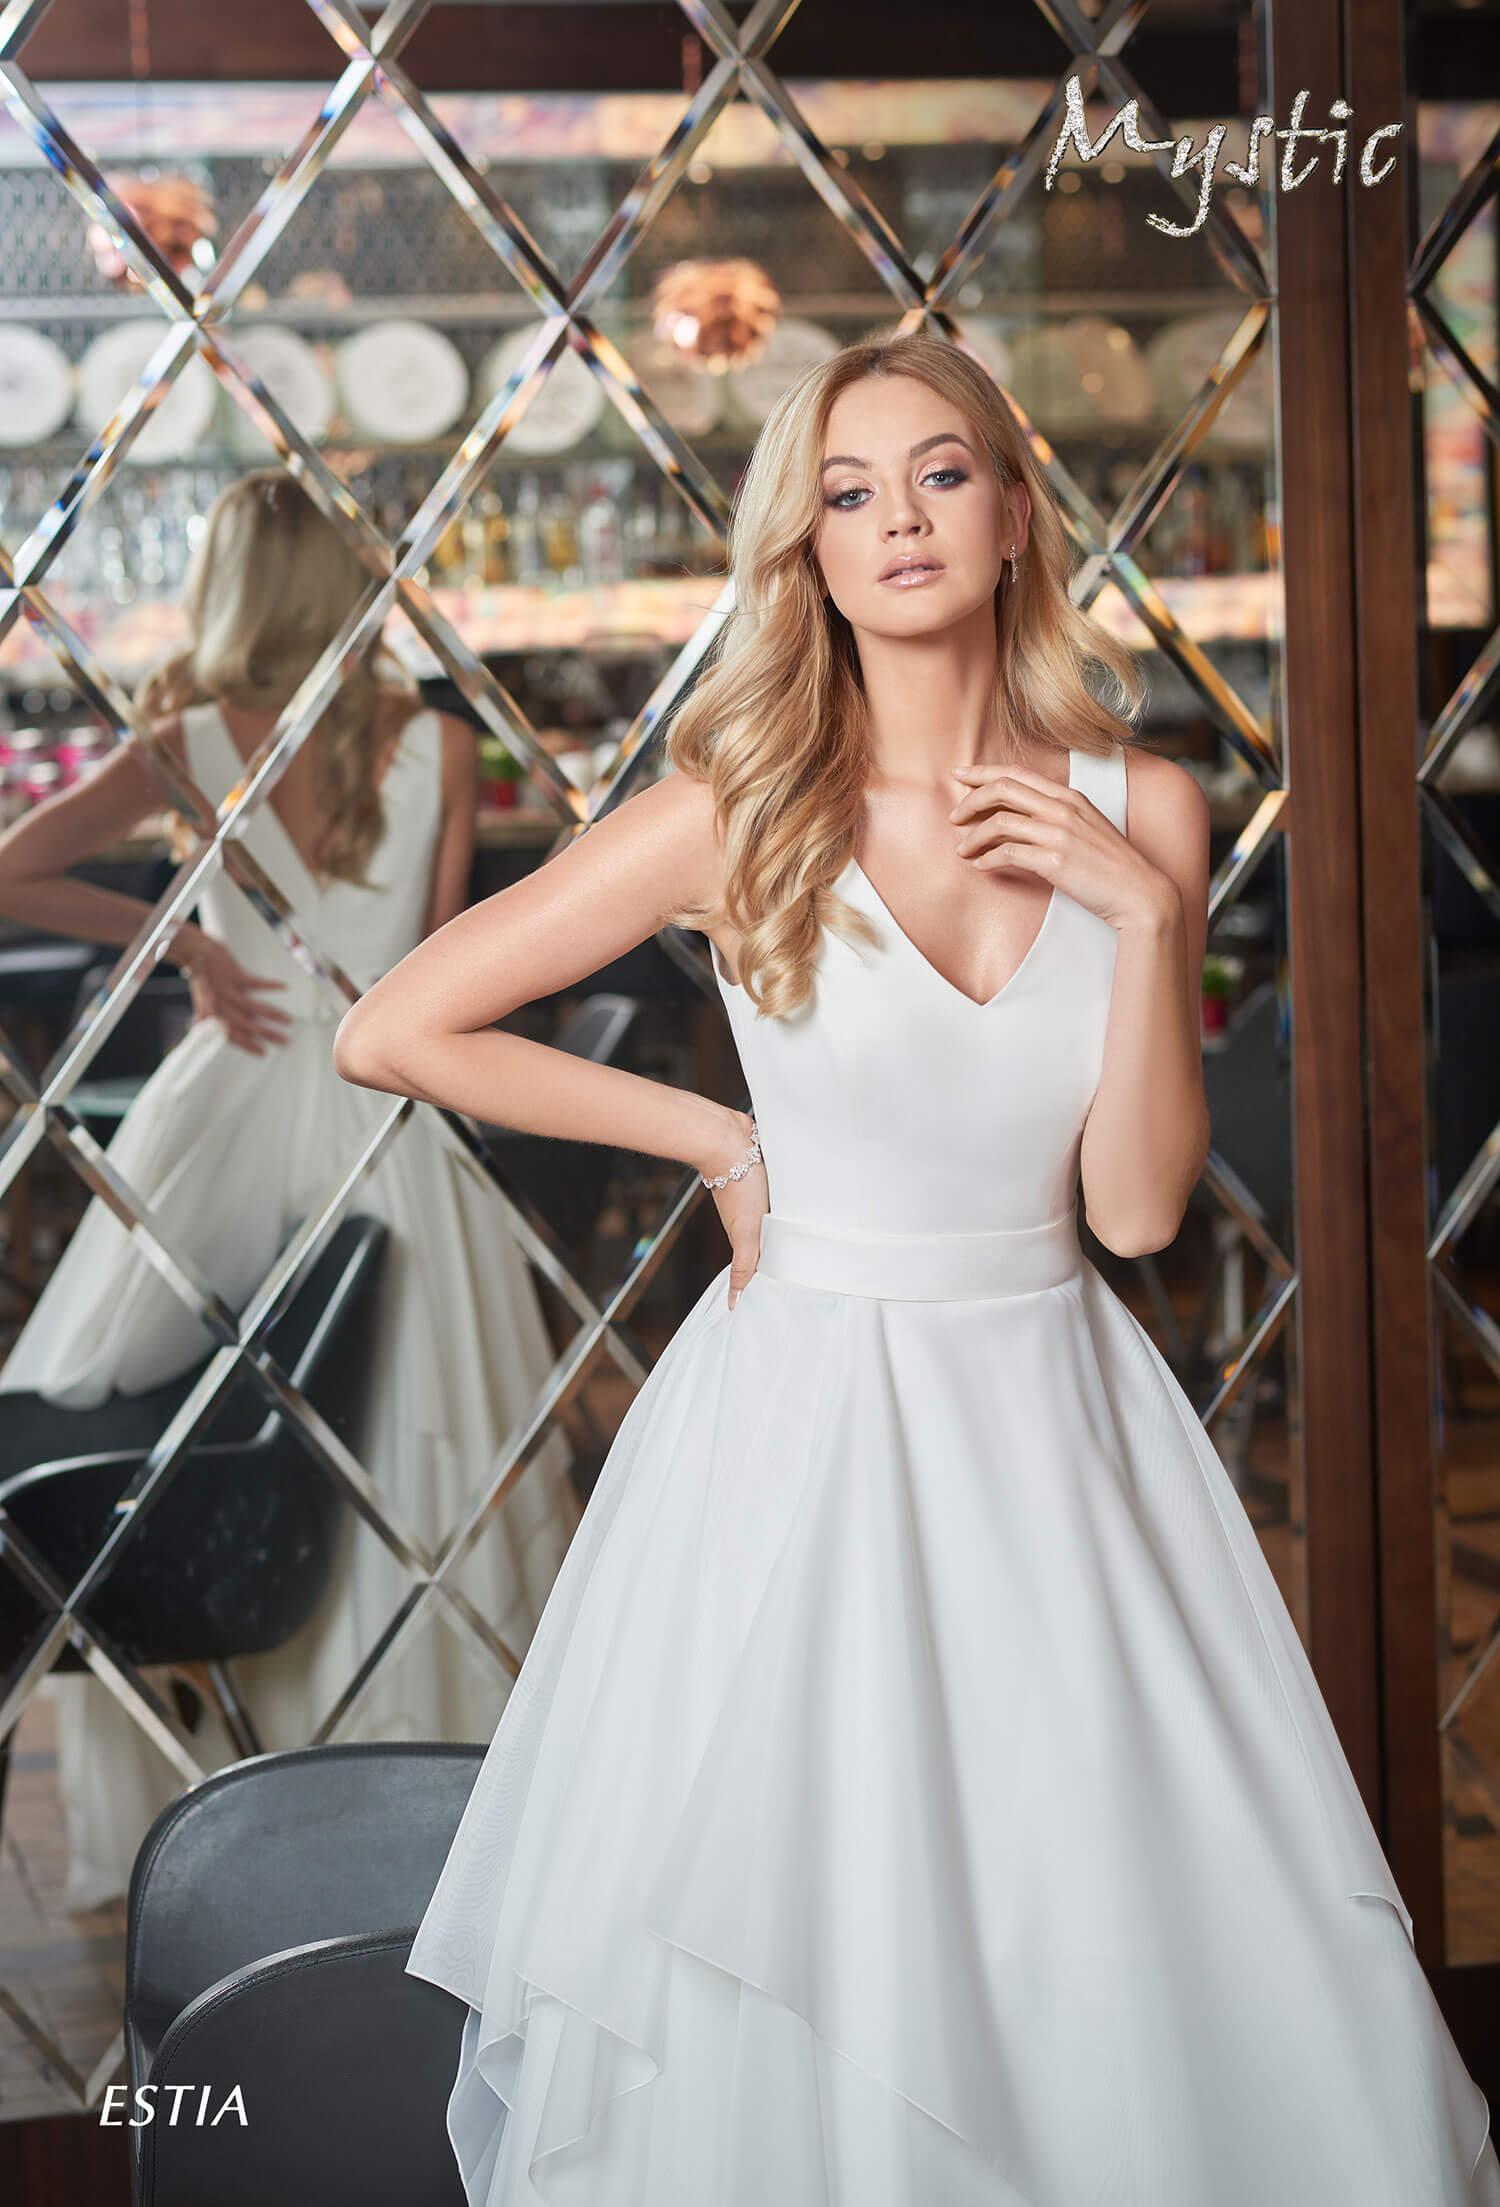 467613b0d4 Mystic Bridal - producent i projektant sukien ślubnych